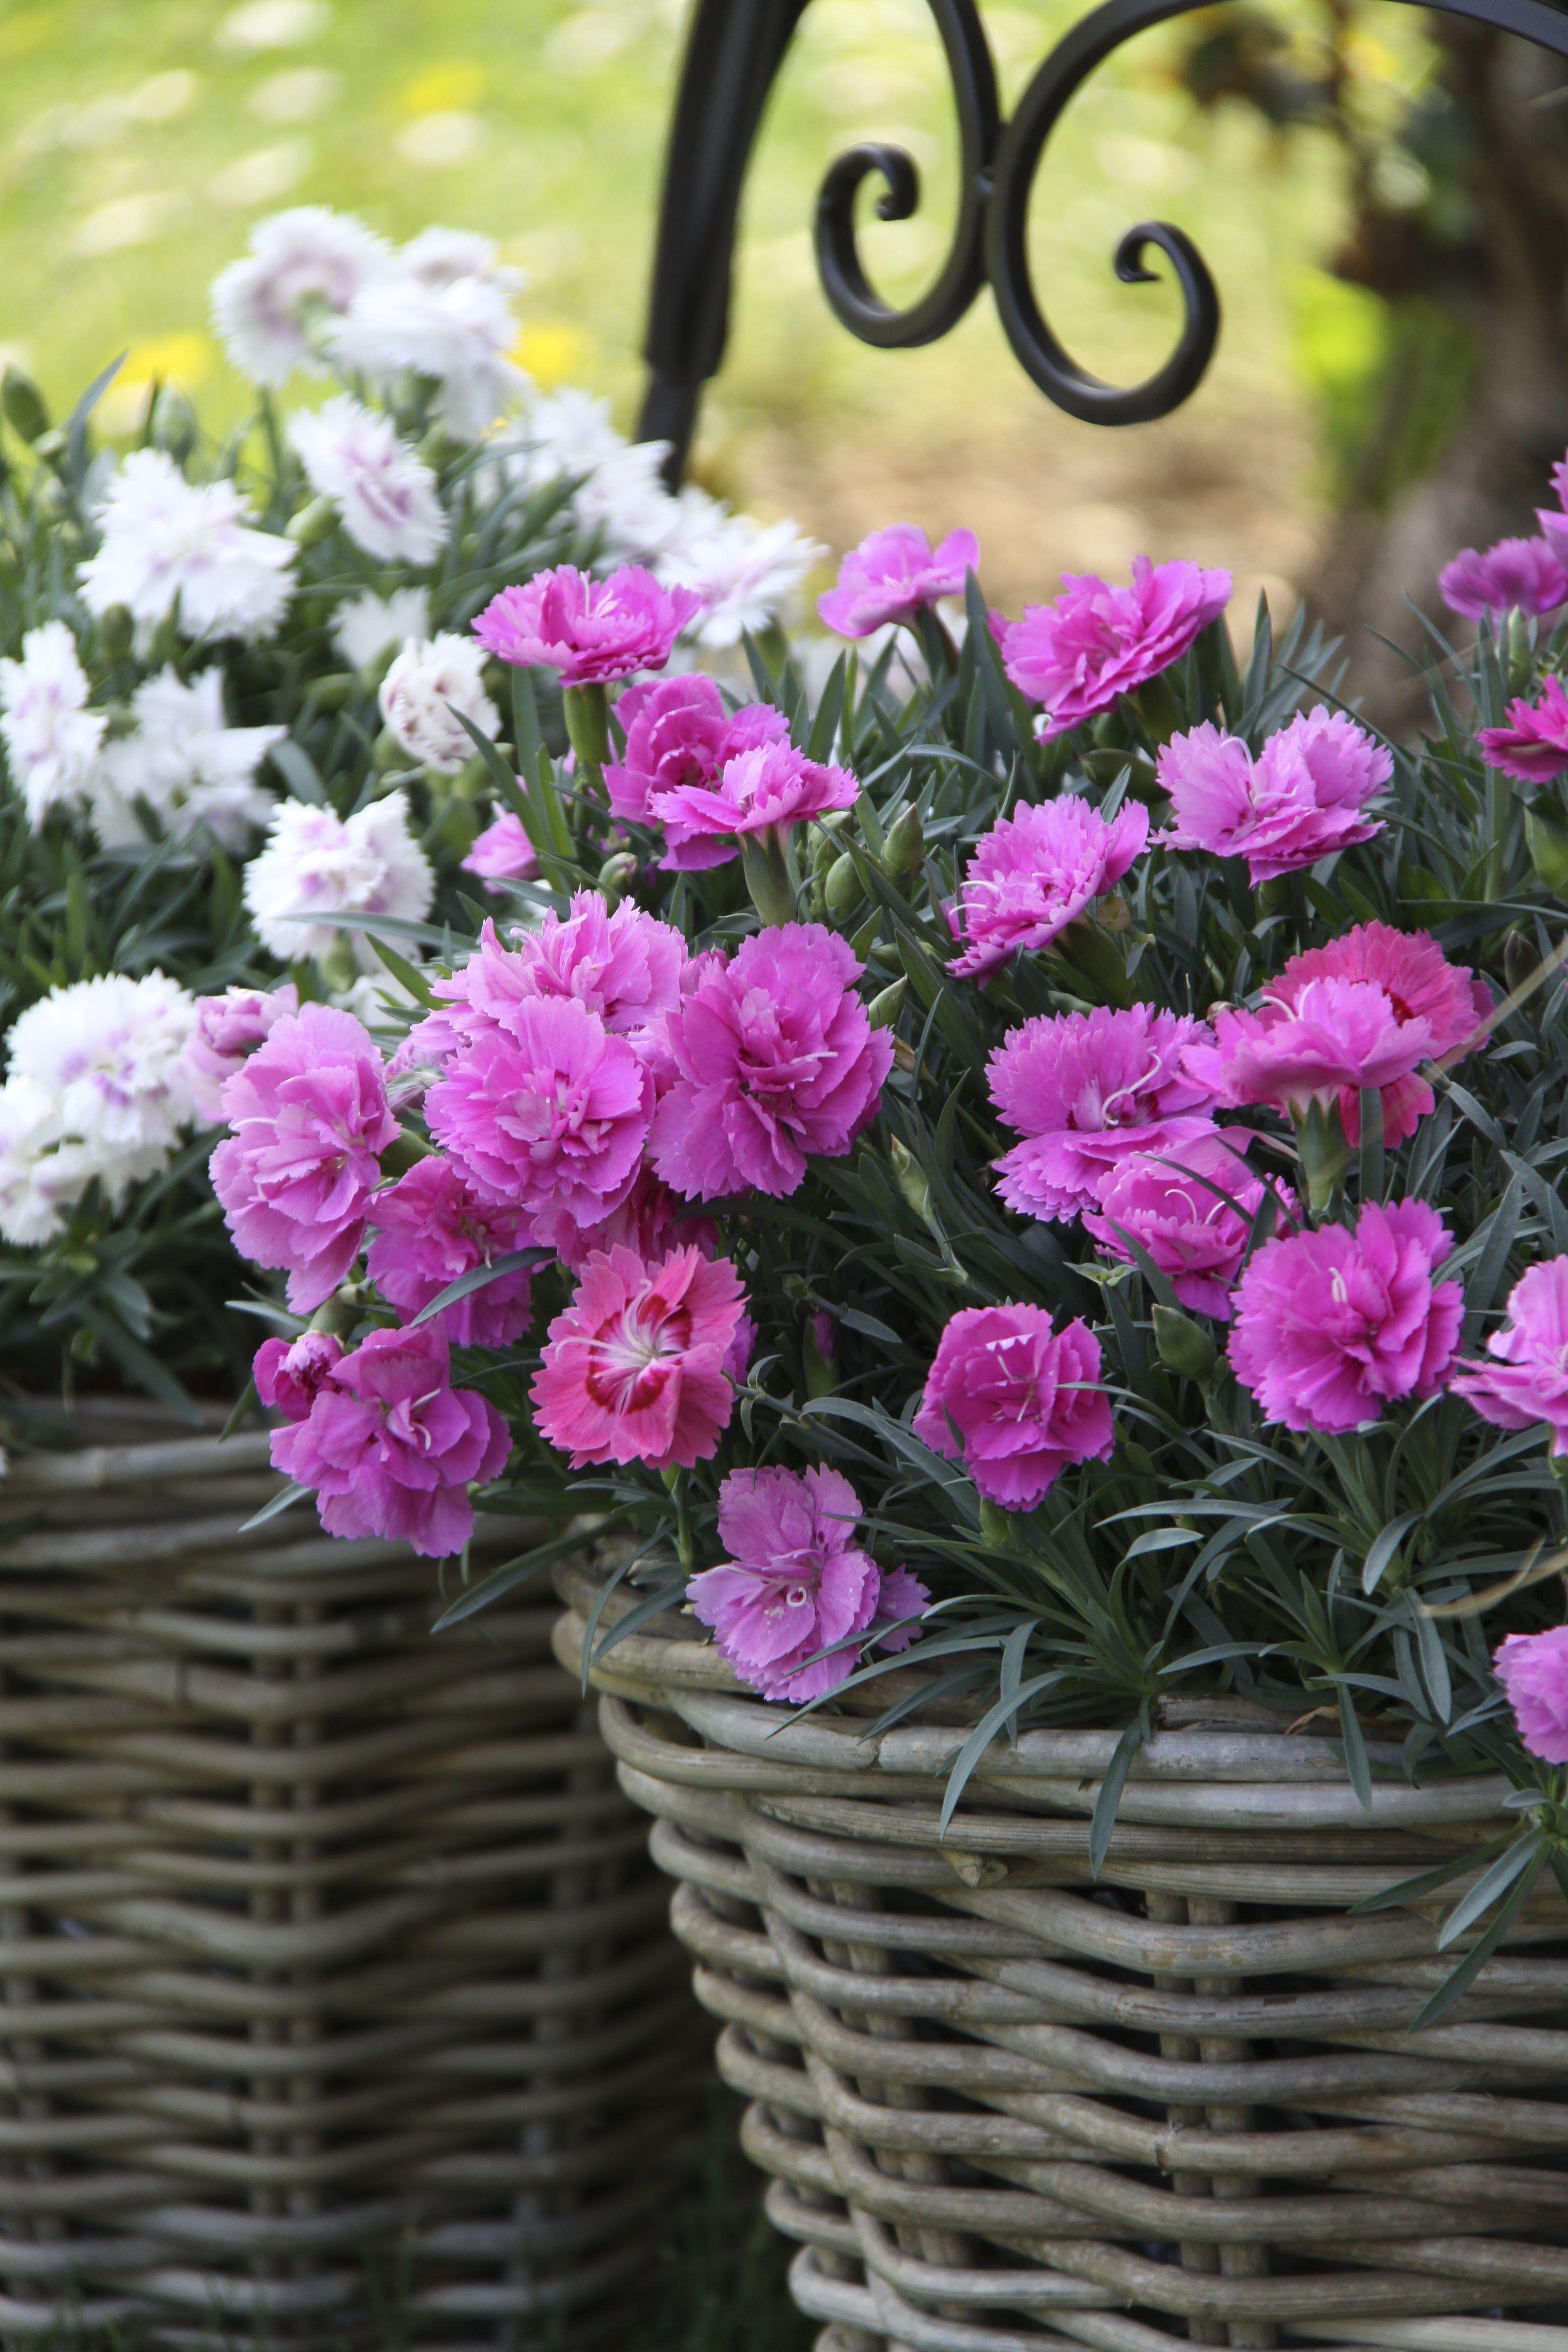 Topfnelken Im Garten Und Auf Dem Balkon #1000gutegruende #nelken #garten  #balkondeko